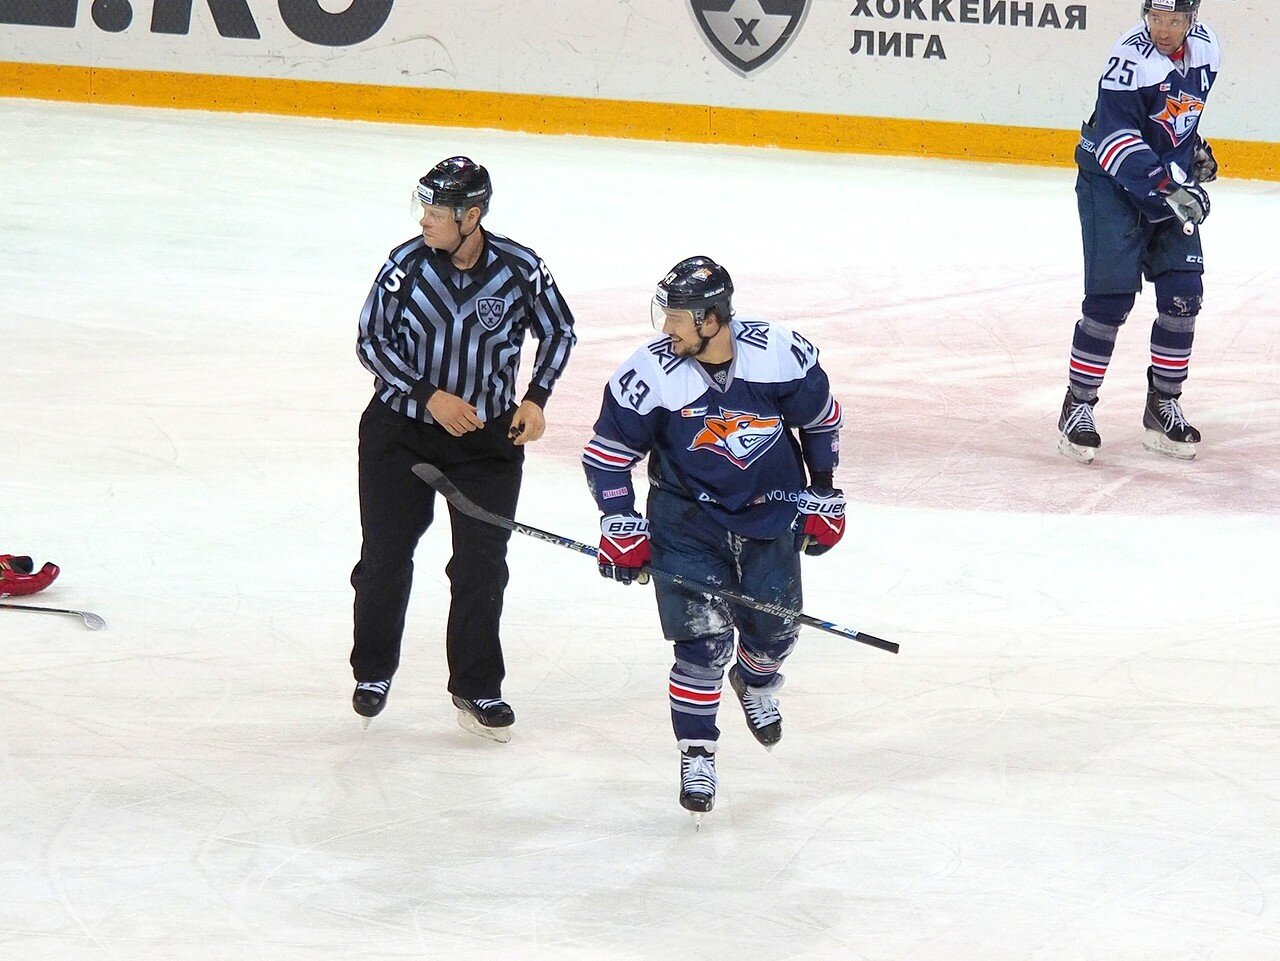 62Металлург - Локомотив 23.11.2016